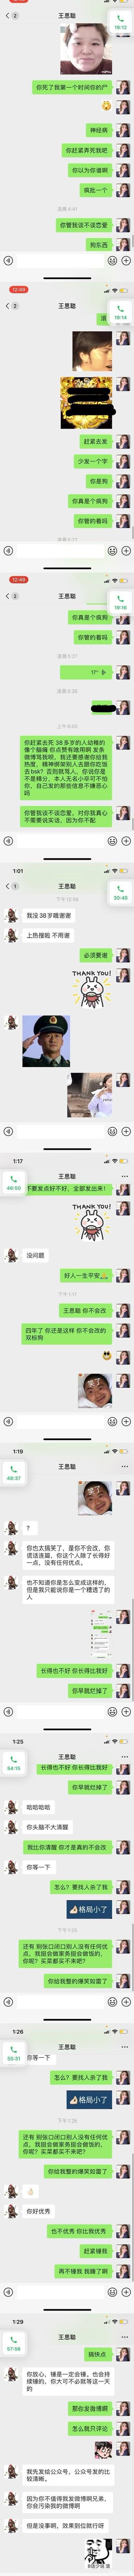 王思聪孙一宁聊天记录